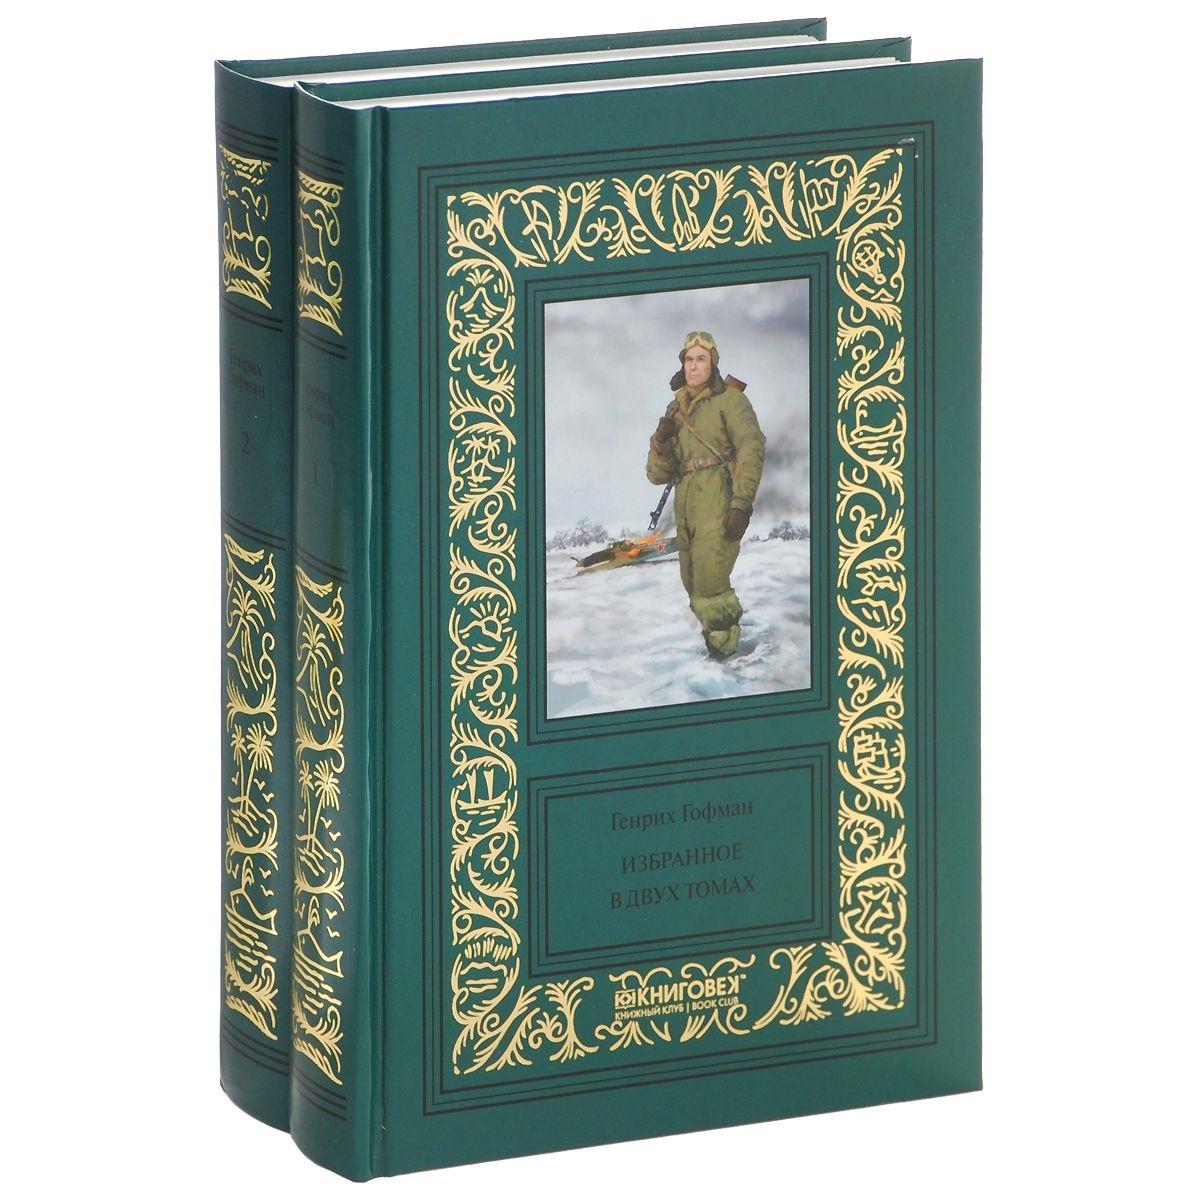 Гофман Г. Генрих Гофман. Избранное в двух томах (комплект из 2 книг) евгений велтистов избранное в 2 томах комплект